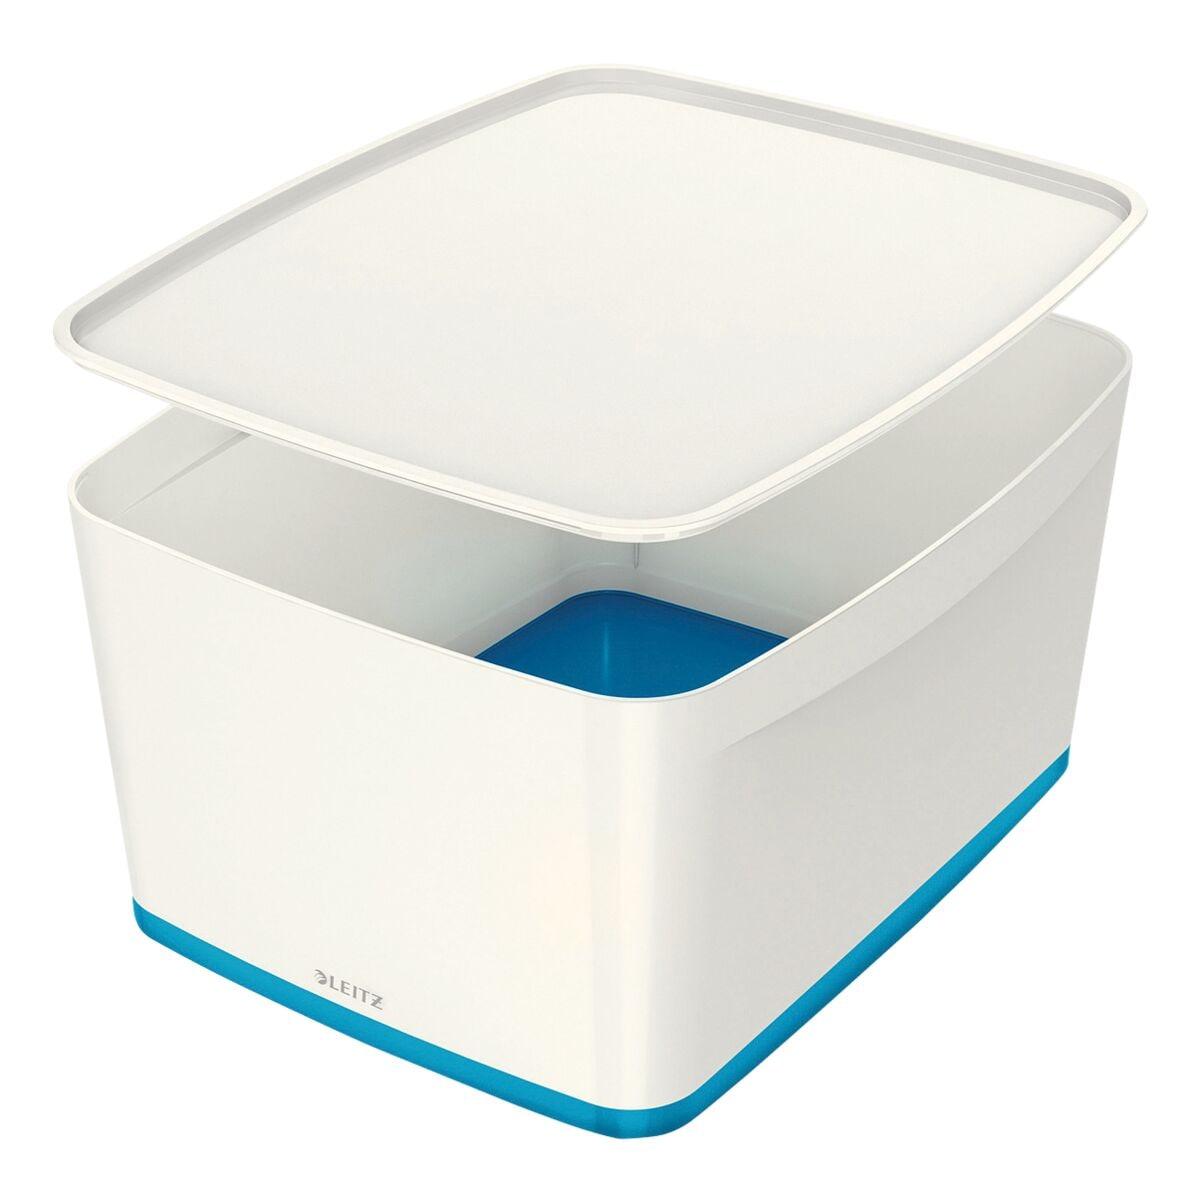 Leitz Aufbewahrungsbox »MyBox Groß 5216« 18 L